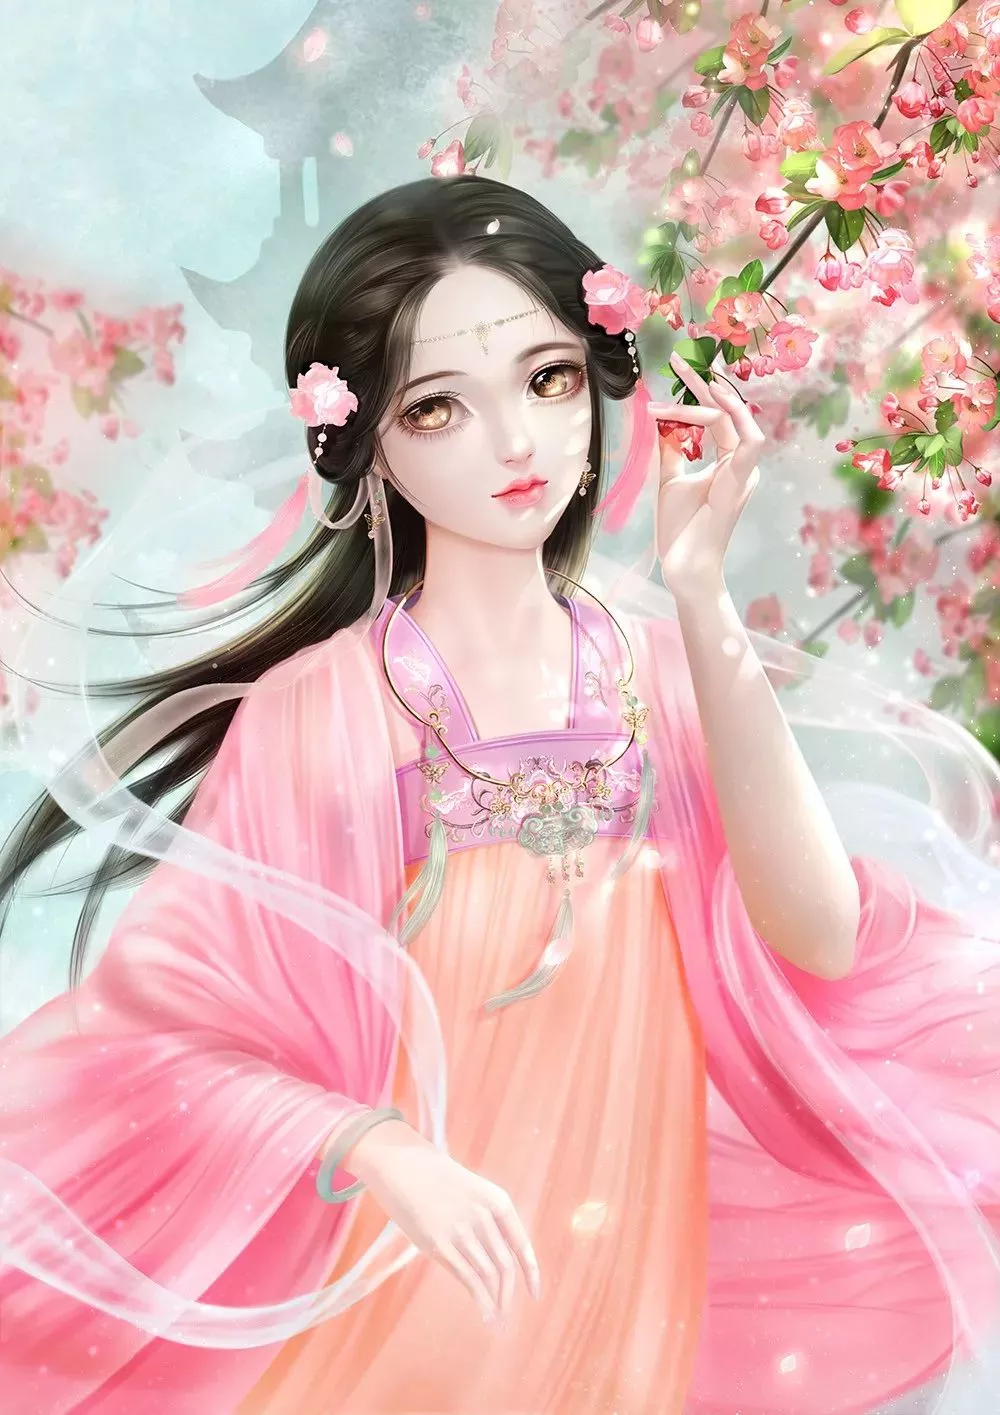 奇天樱花节插画征集大赛公示